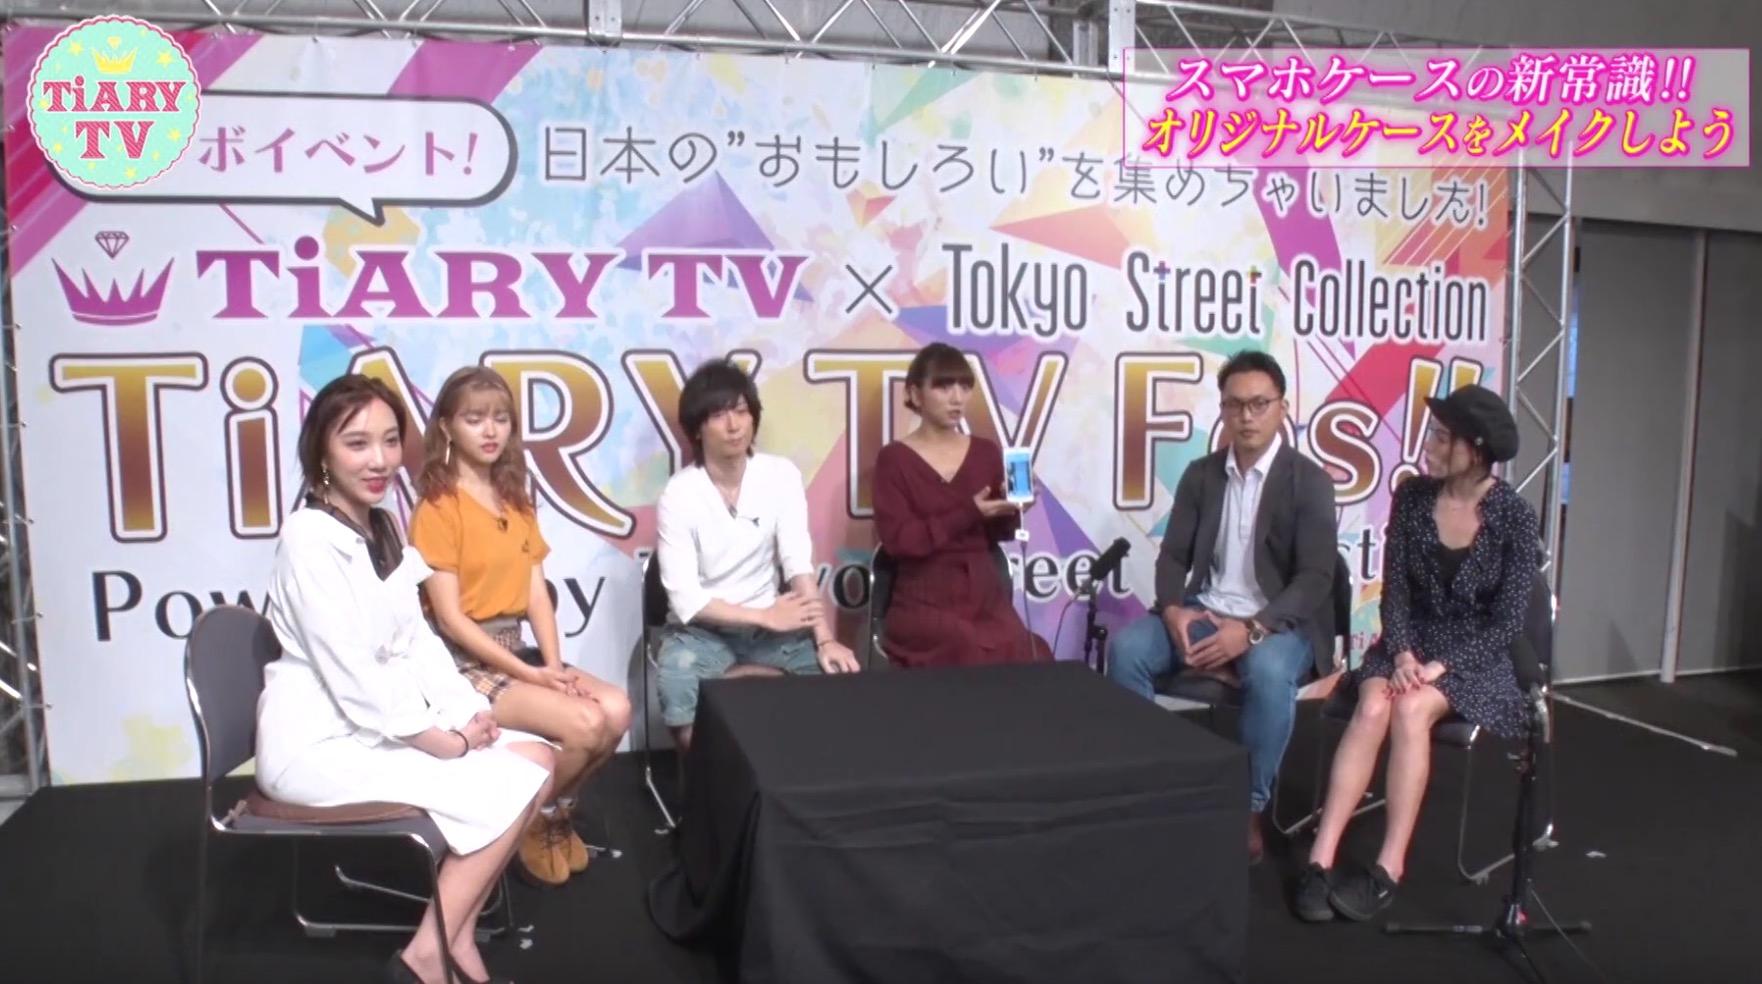 【メディア情報】Tiary TVでME-Q(メーク)が紹介されました!